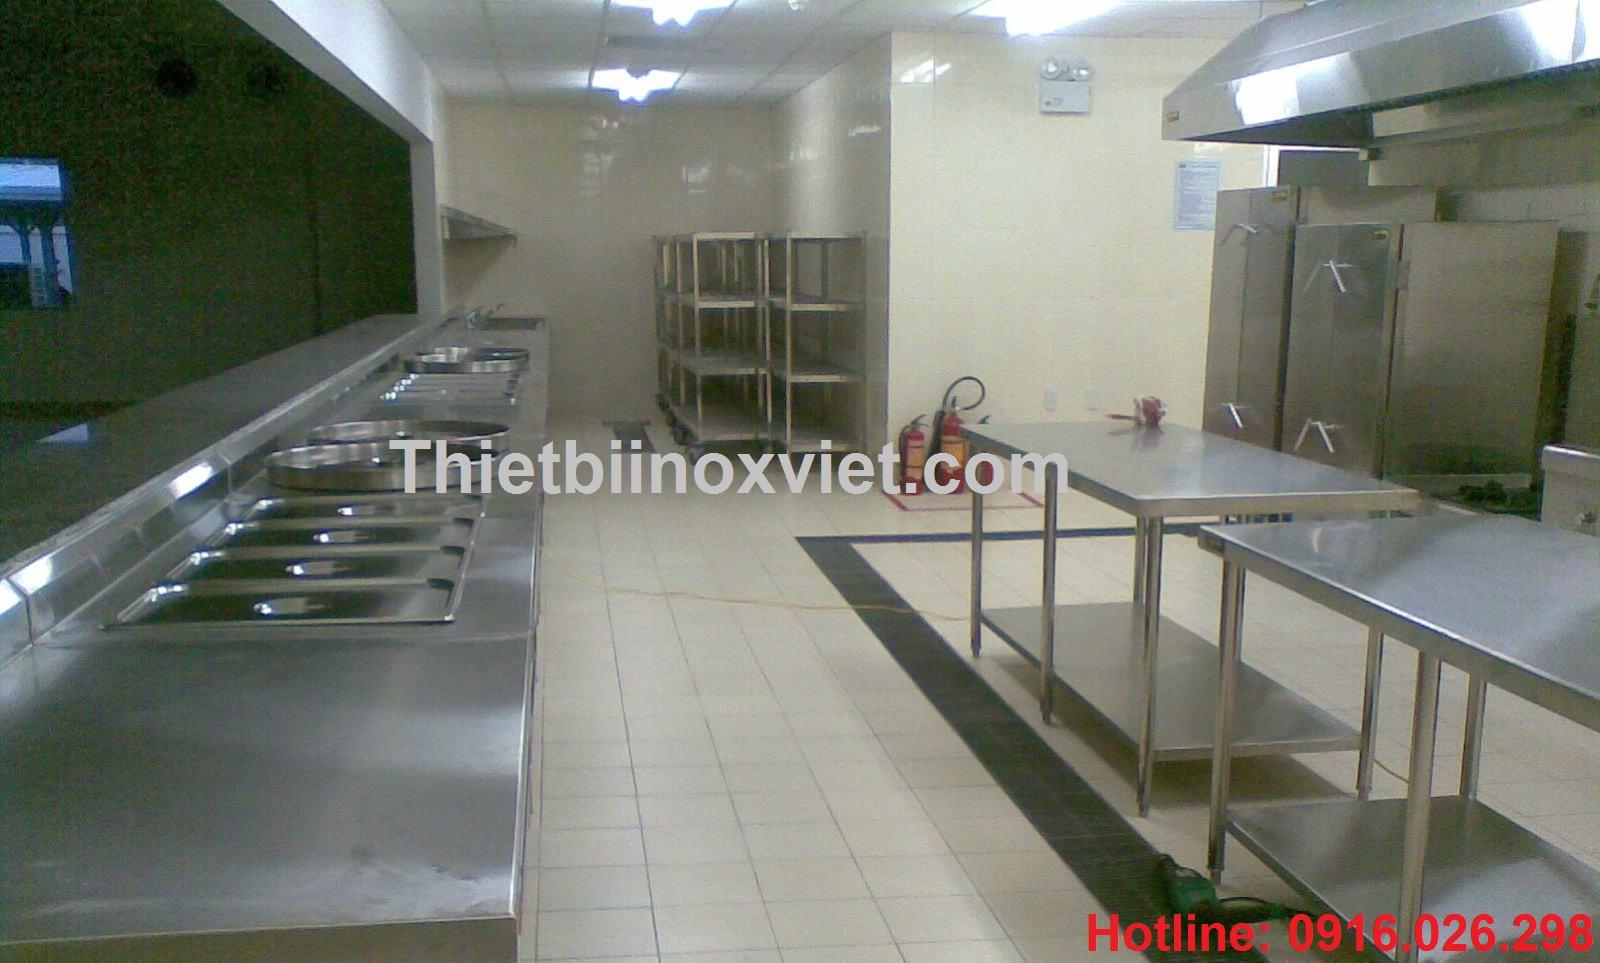 Khu ra đồ bếp ăn nhà máy khu công nghiệp, Thiết bị giữ ấm thức ăn